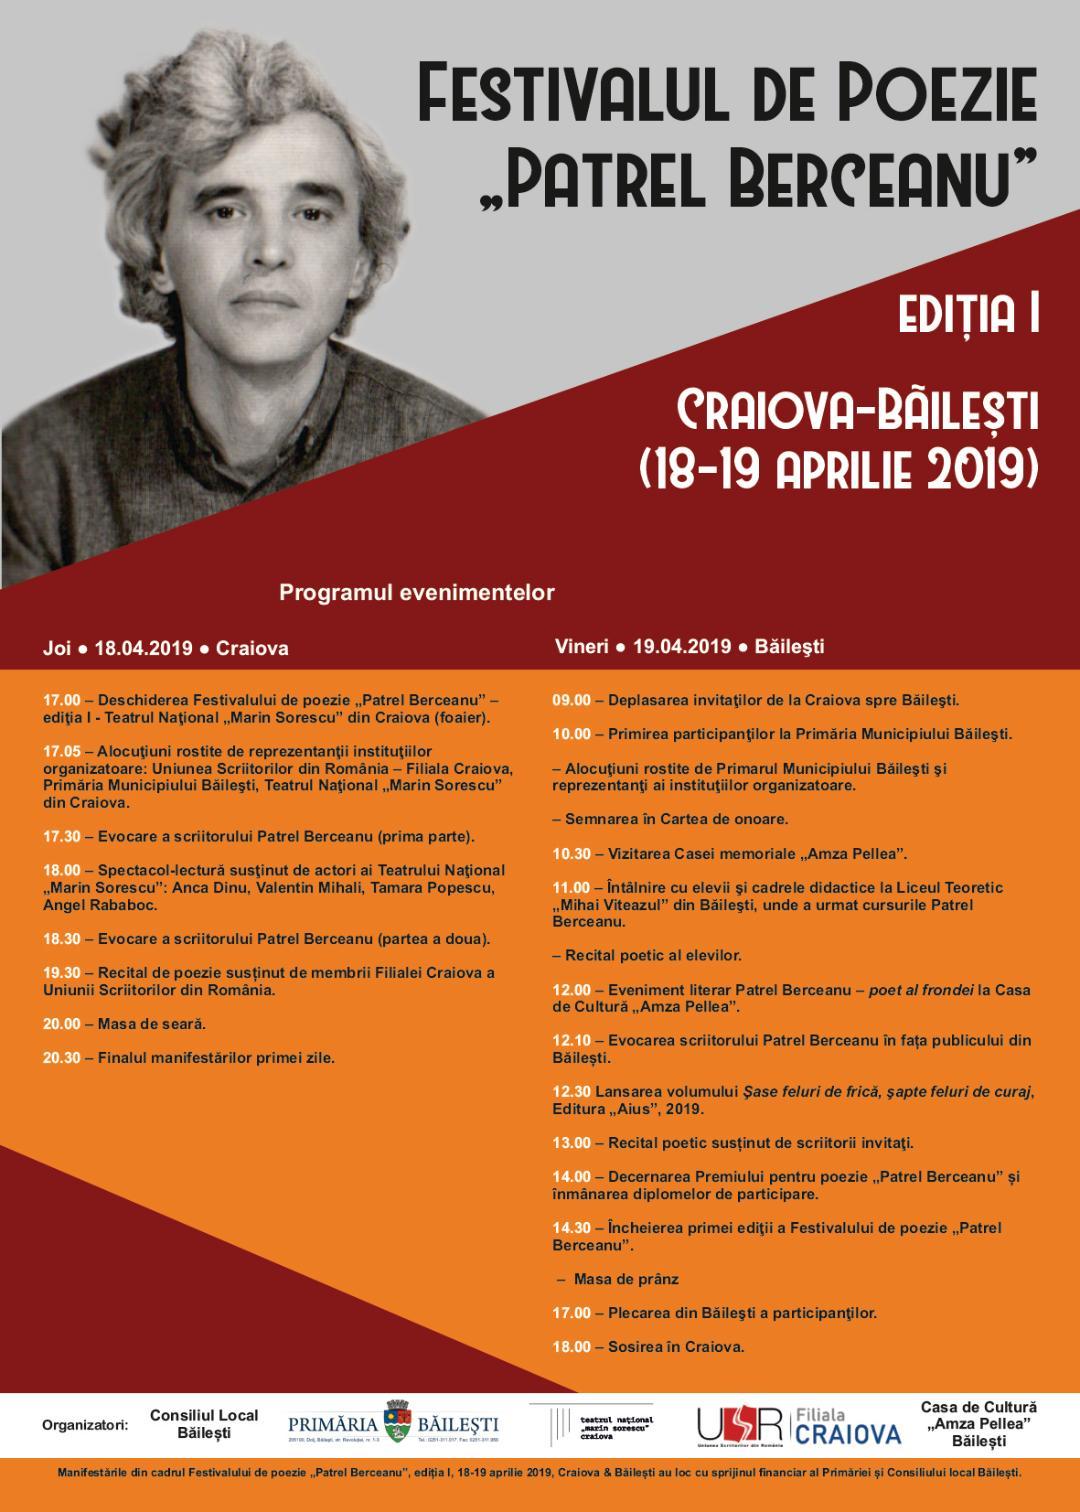 Festivalul de Poezie Patrel Berceanu debutează joi, de la ora 17, la Teatrul Național Marin Sorescu